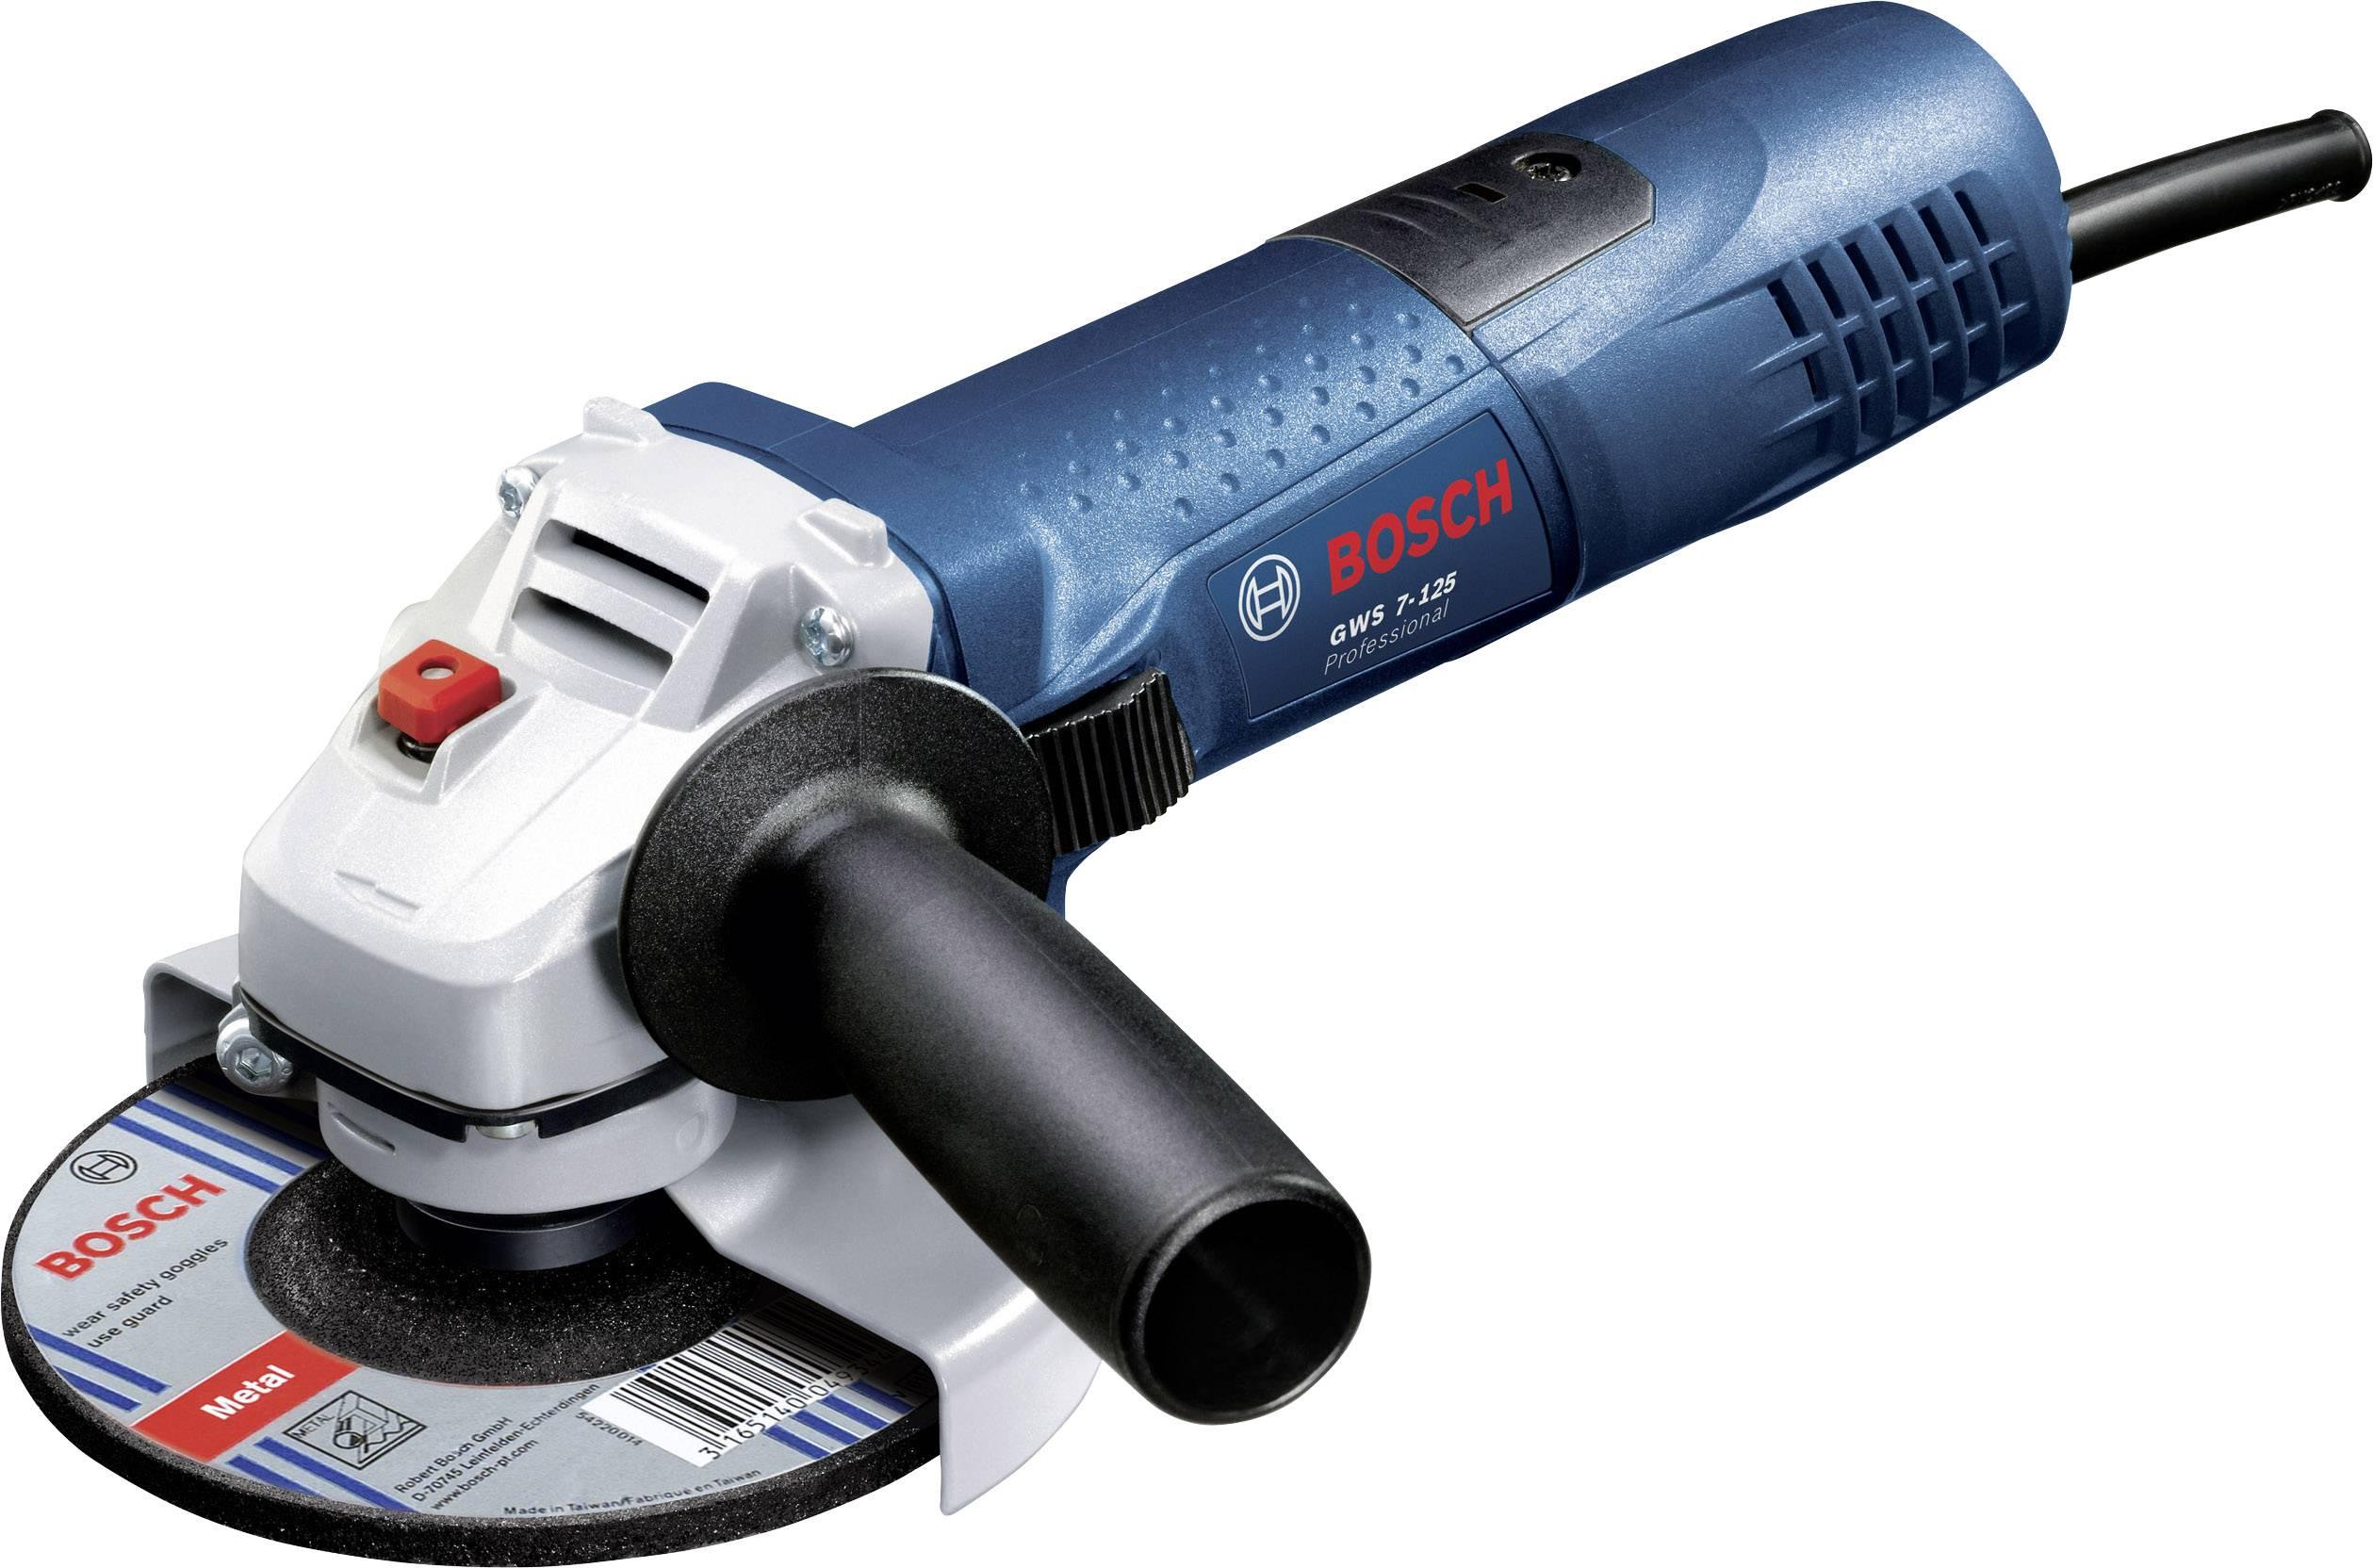 Úhlová bruska Bosch Professional GWS 7-125 0601388108, 125 mm, 720 W